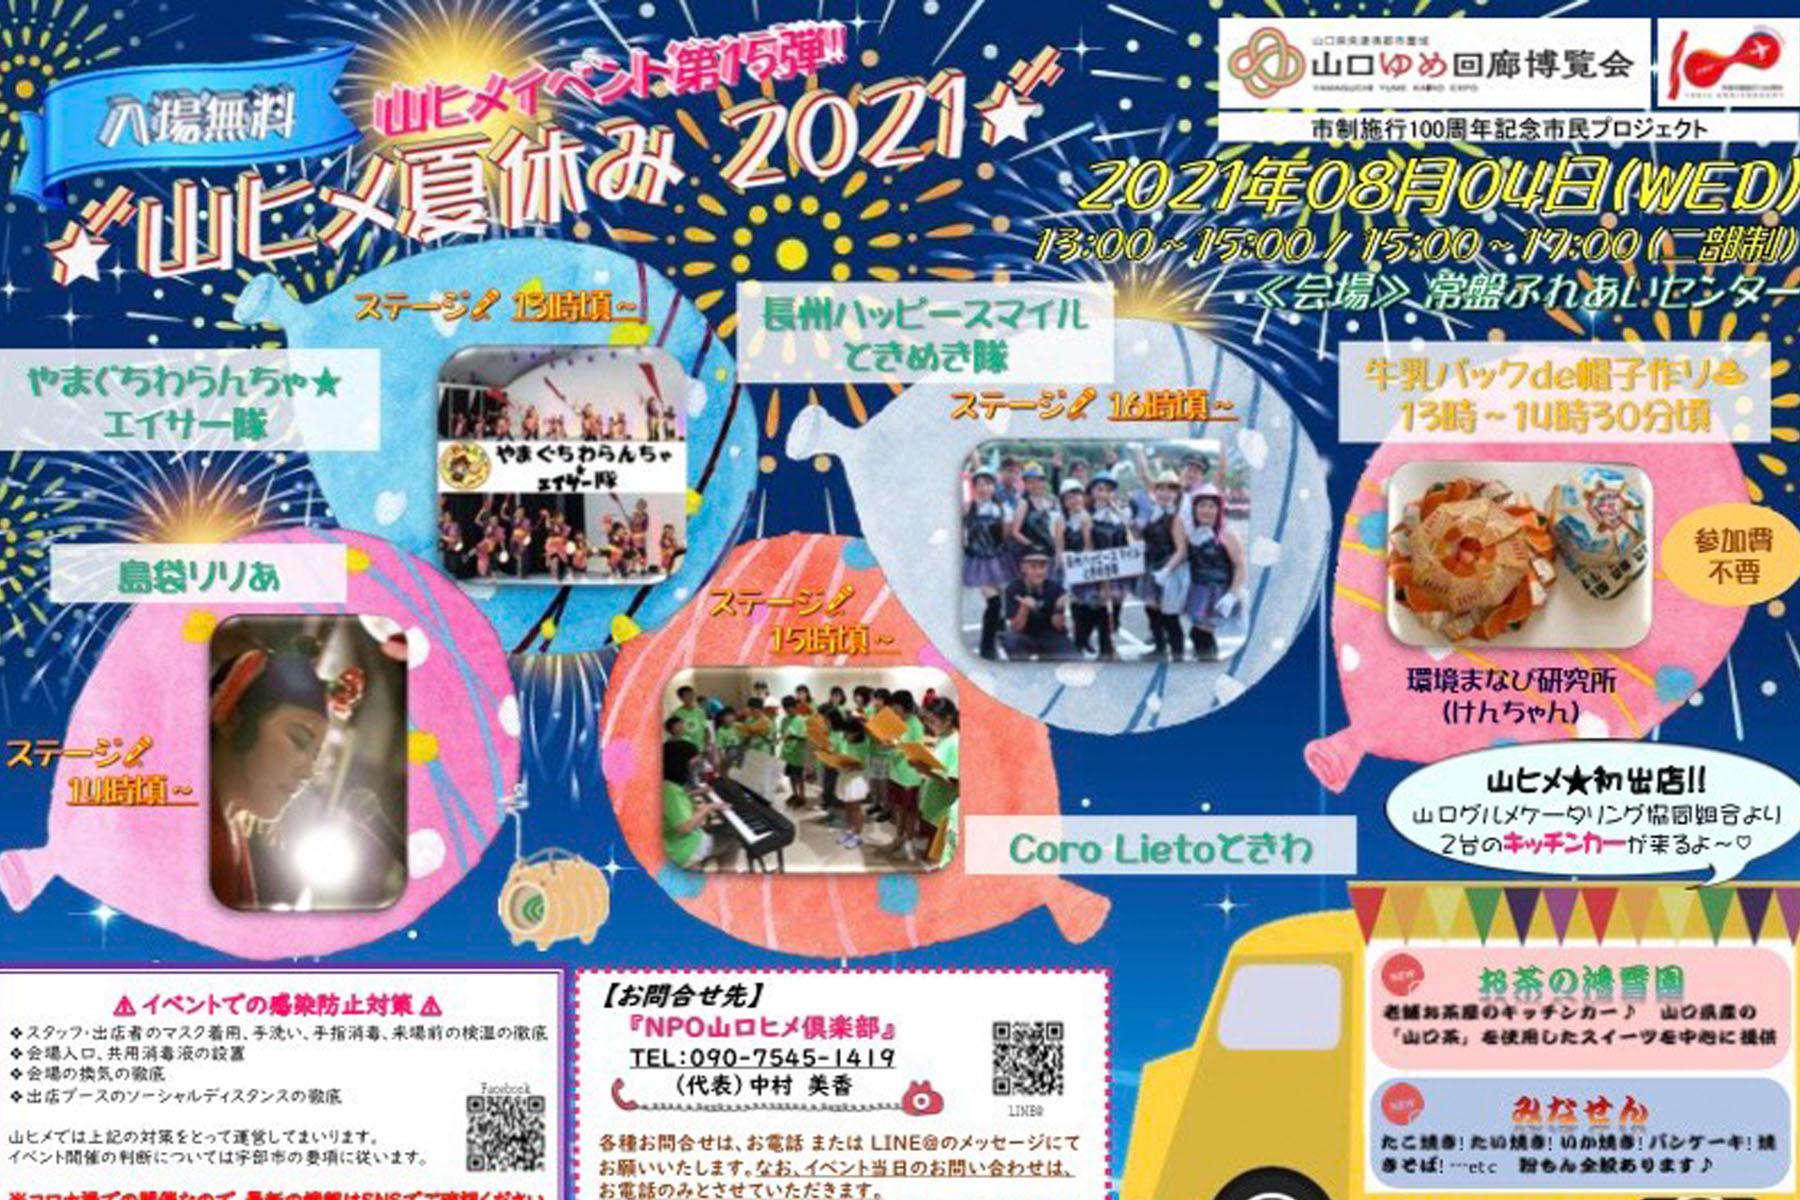 8月4日(水)山ヒメ夏休み2021  in 山口県